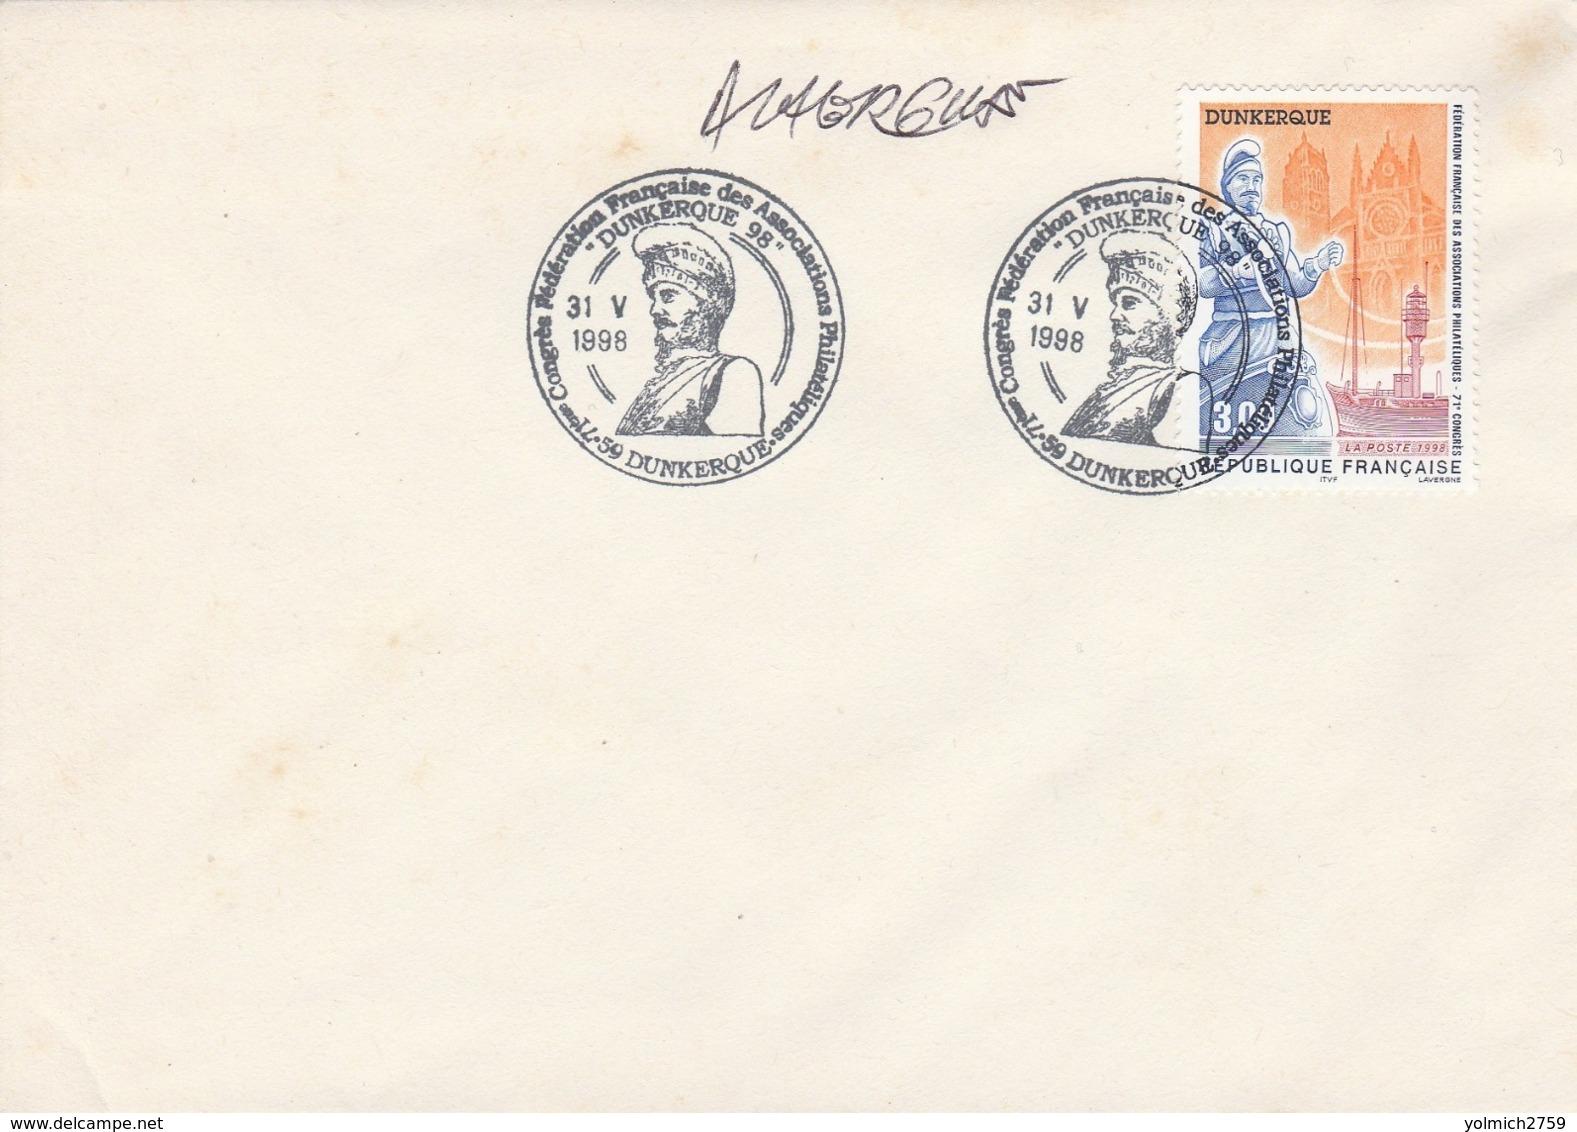 OBLIT. GF ILLUSTRÉE CONGRES PHILAT. DUNKERQUE 5/98 - Géant / Bateau Feu De France - Signé LAVERGNE - Marcophilie (Lettres)